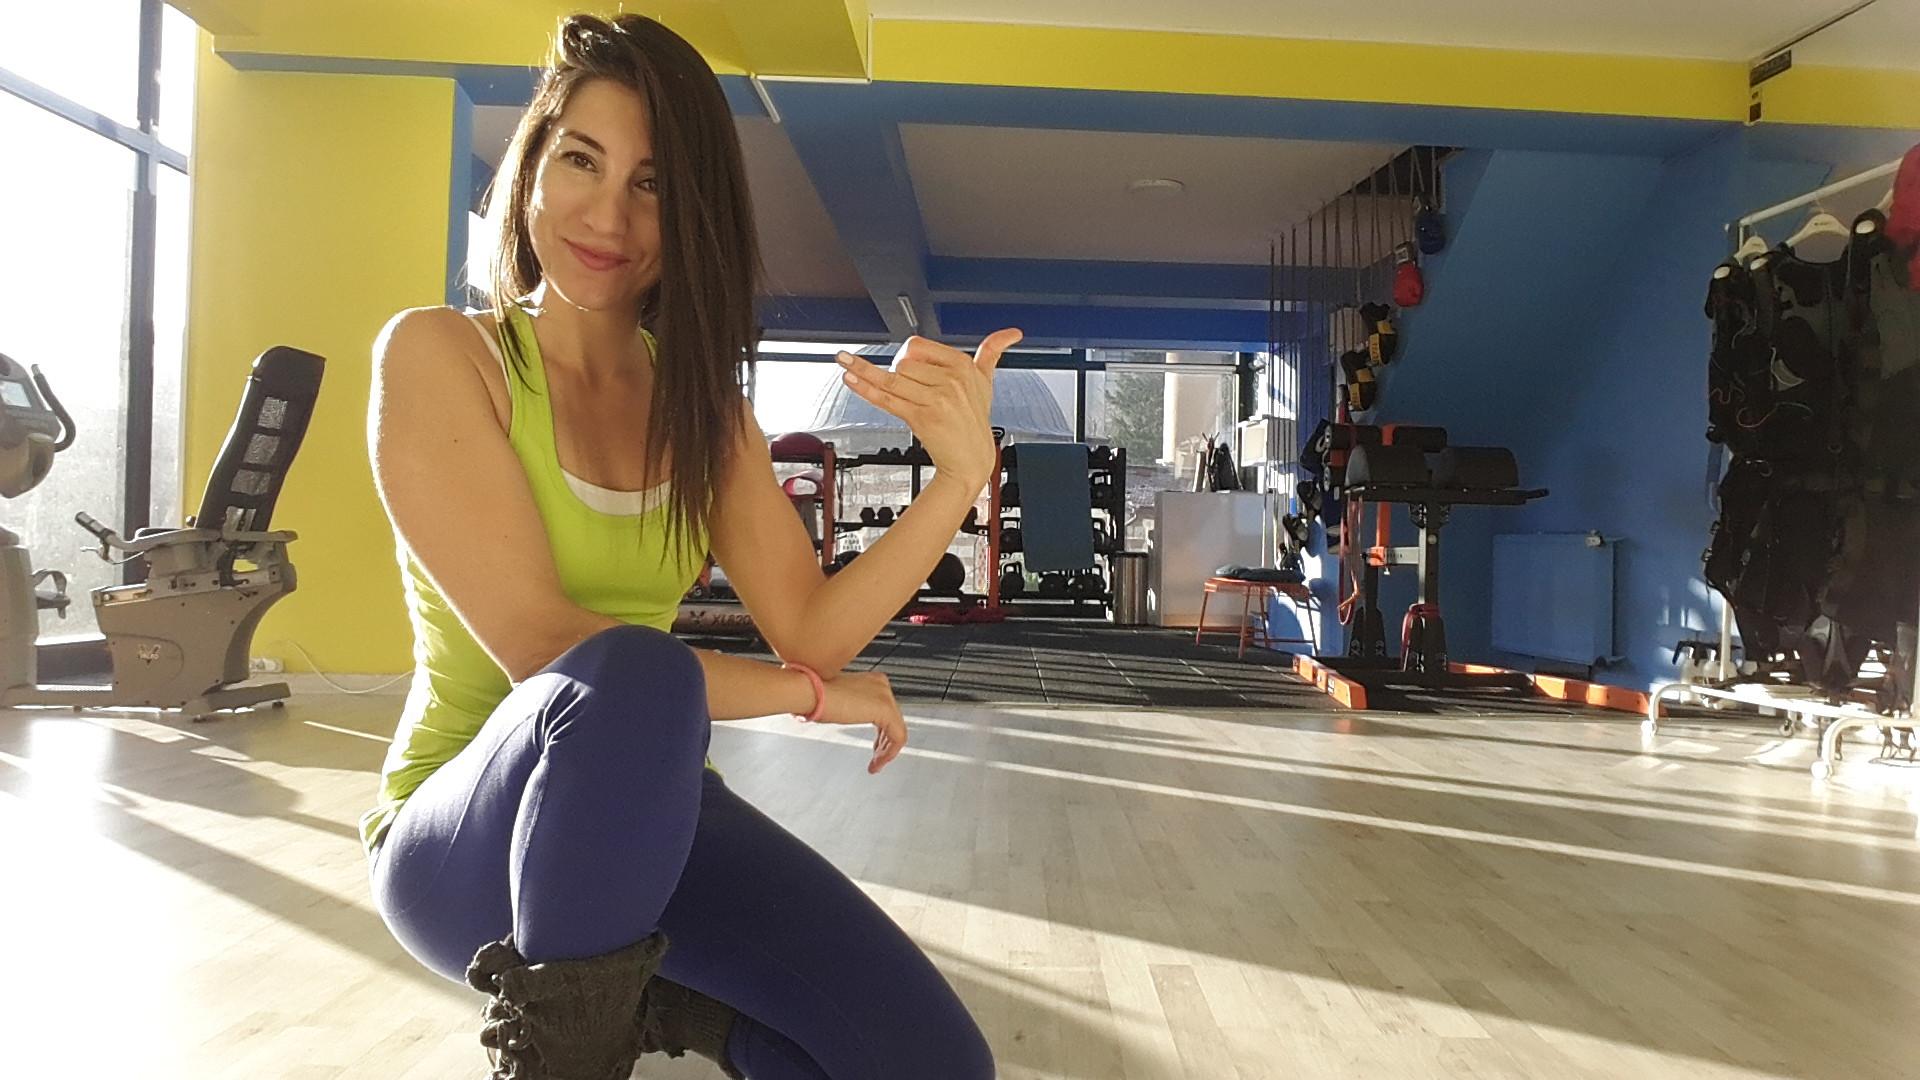 Evde kilo vermek için fitness. Hangi sonuçları kendimize sağlayabiliriz